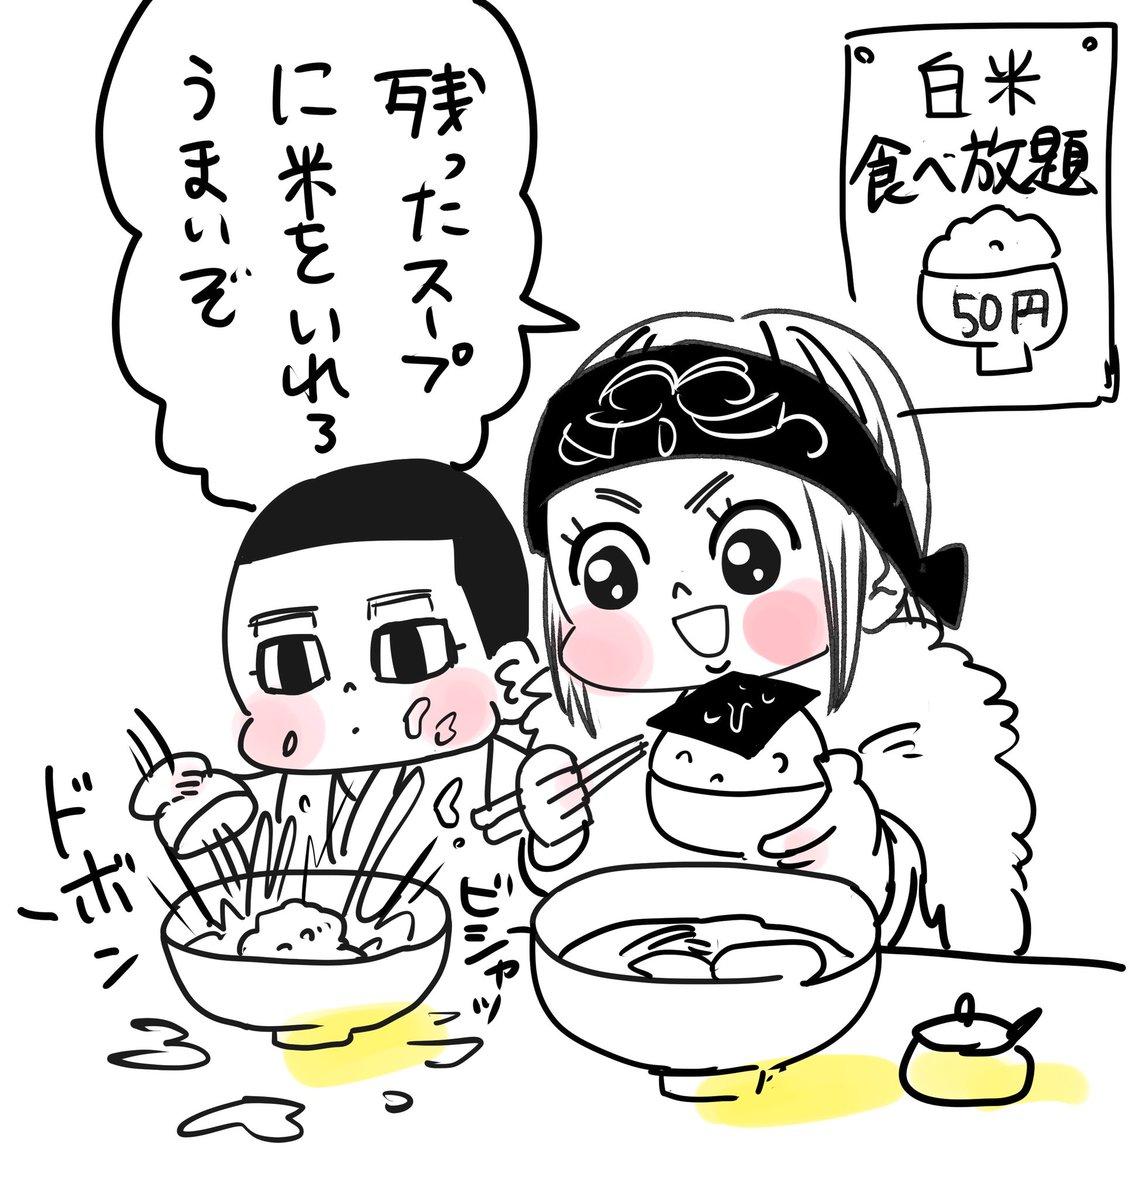 リパさんの百ちゃん食育講座。家系ラーメン。 リパさんはにんにくを大量にぶちこんだラーメンの汁にノリをひたして米をまいて食ってる。(米は二杯目)